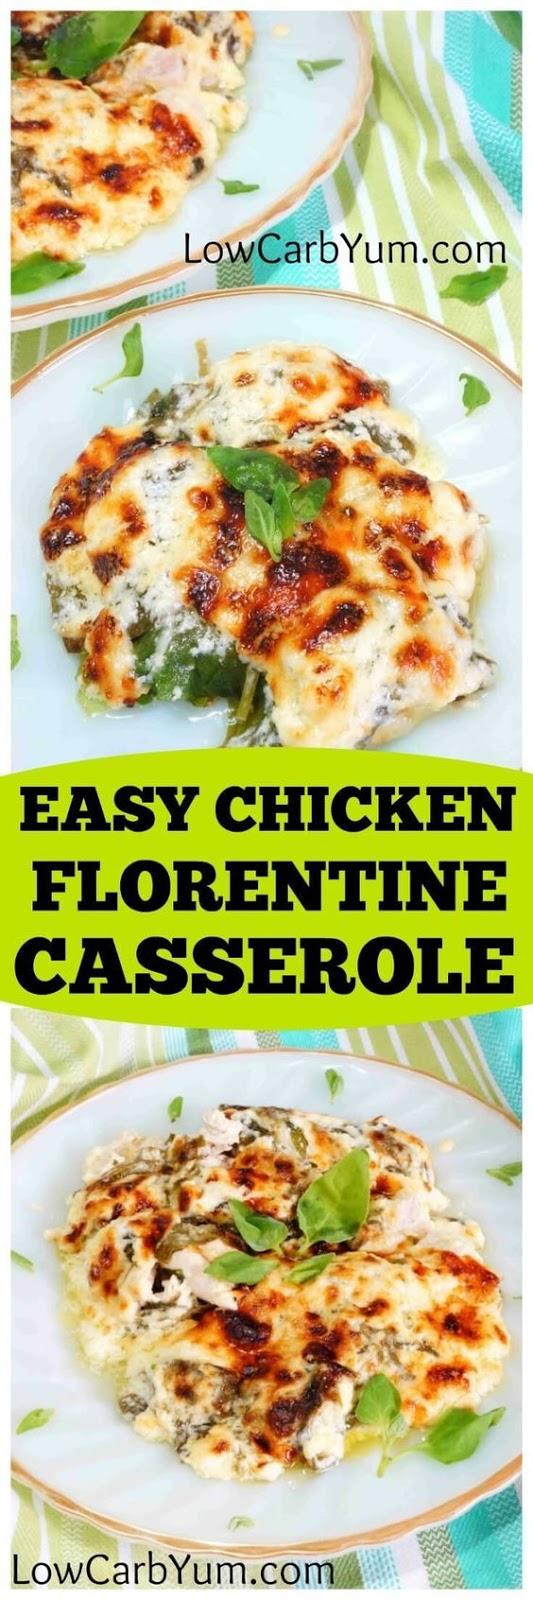 Easy Chicken Florentine Casserole